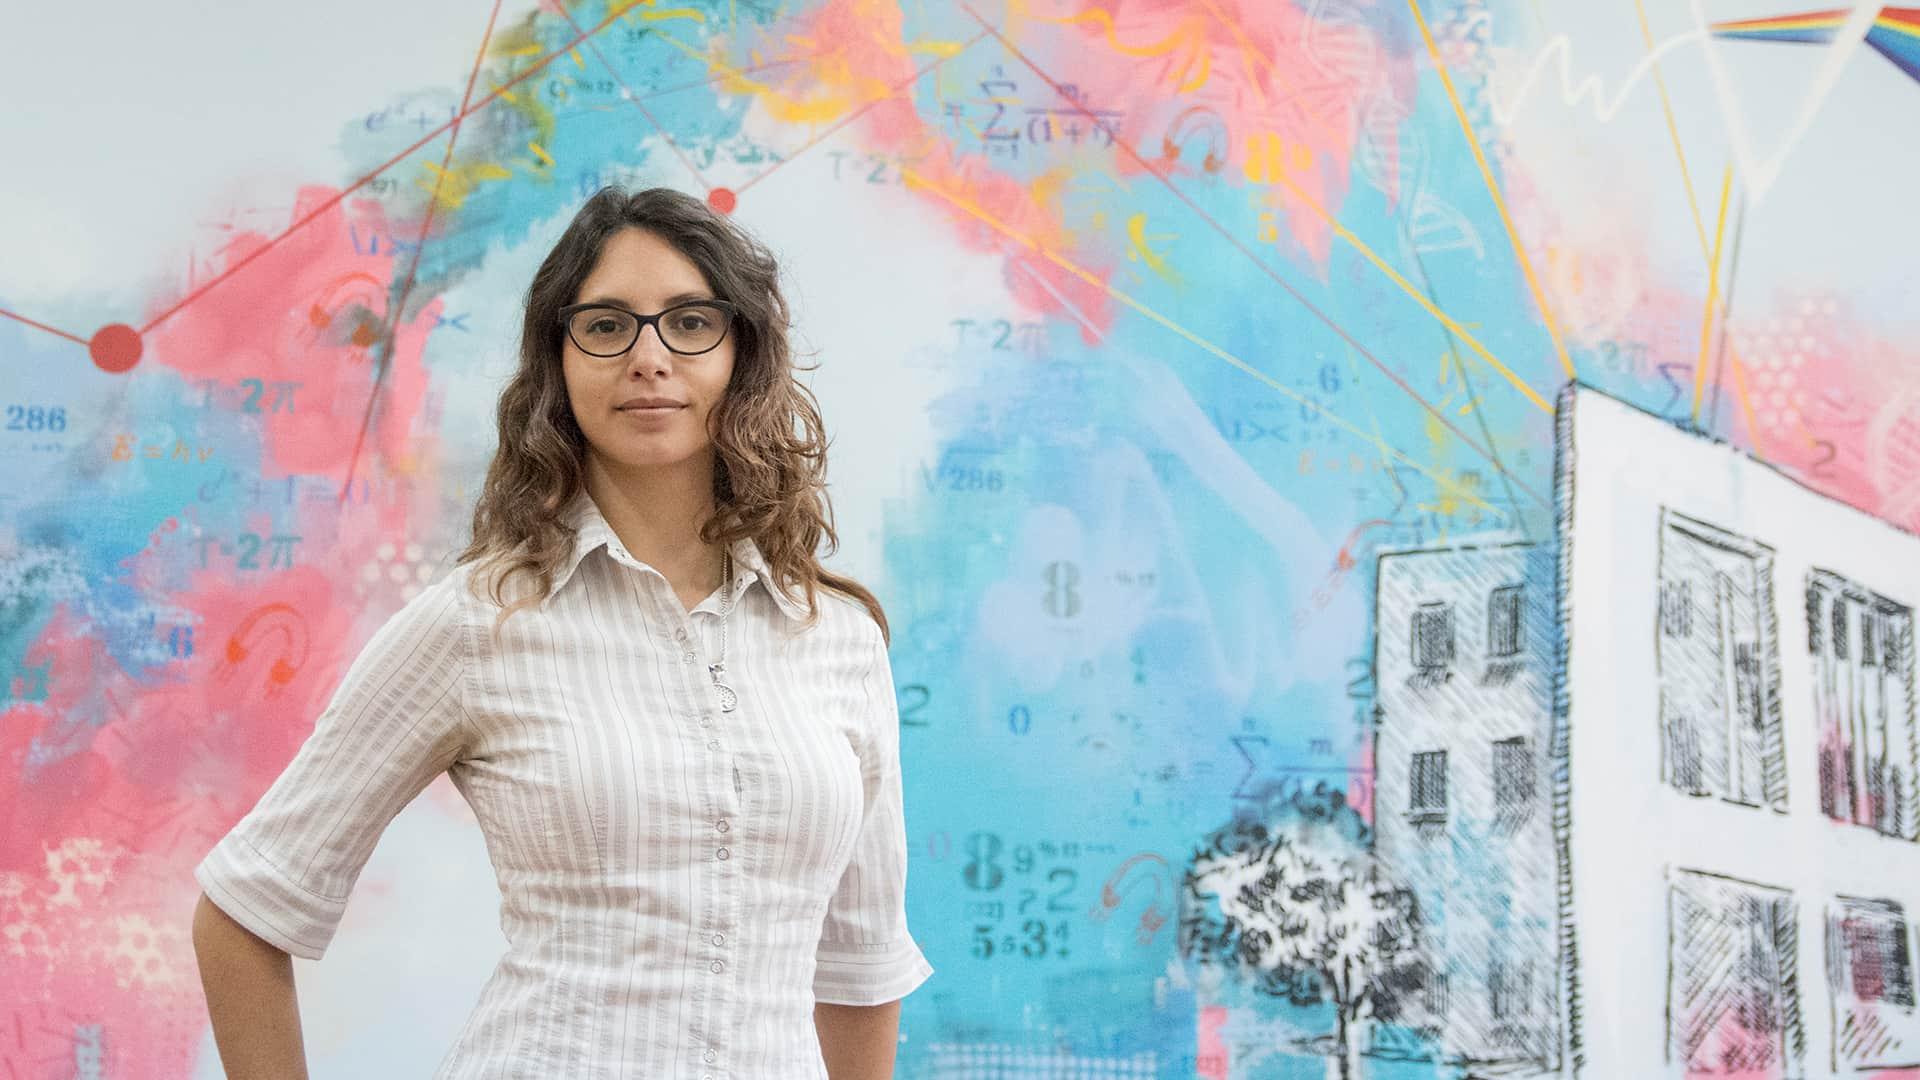 """Milagro Teruel: """"Hay que despertar las vocaciones científicas para que las niñas y adolescentes puedan desarrollar su faceta tecnológica"""""""